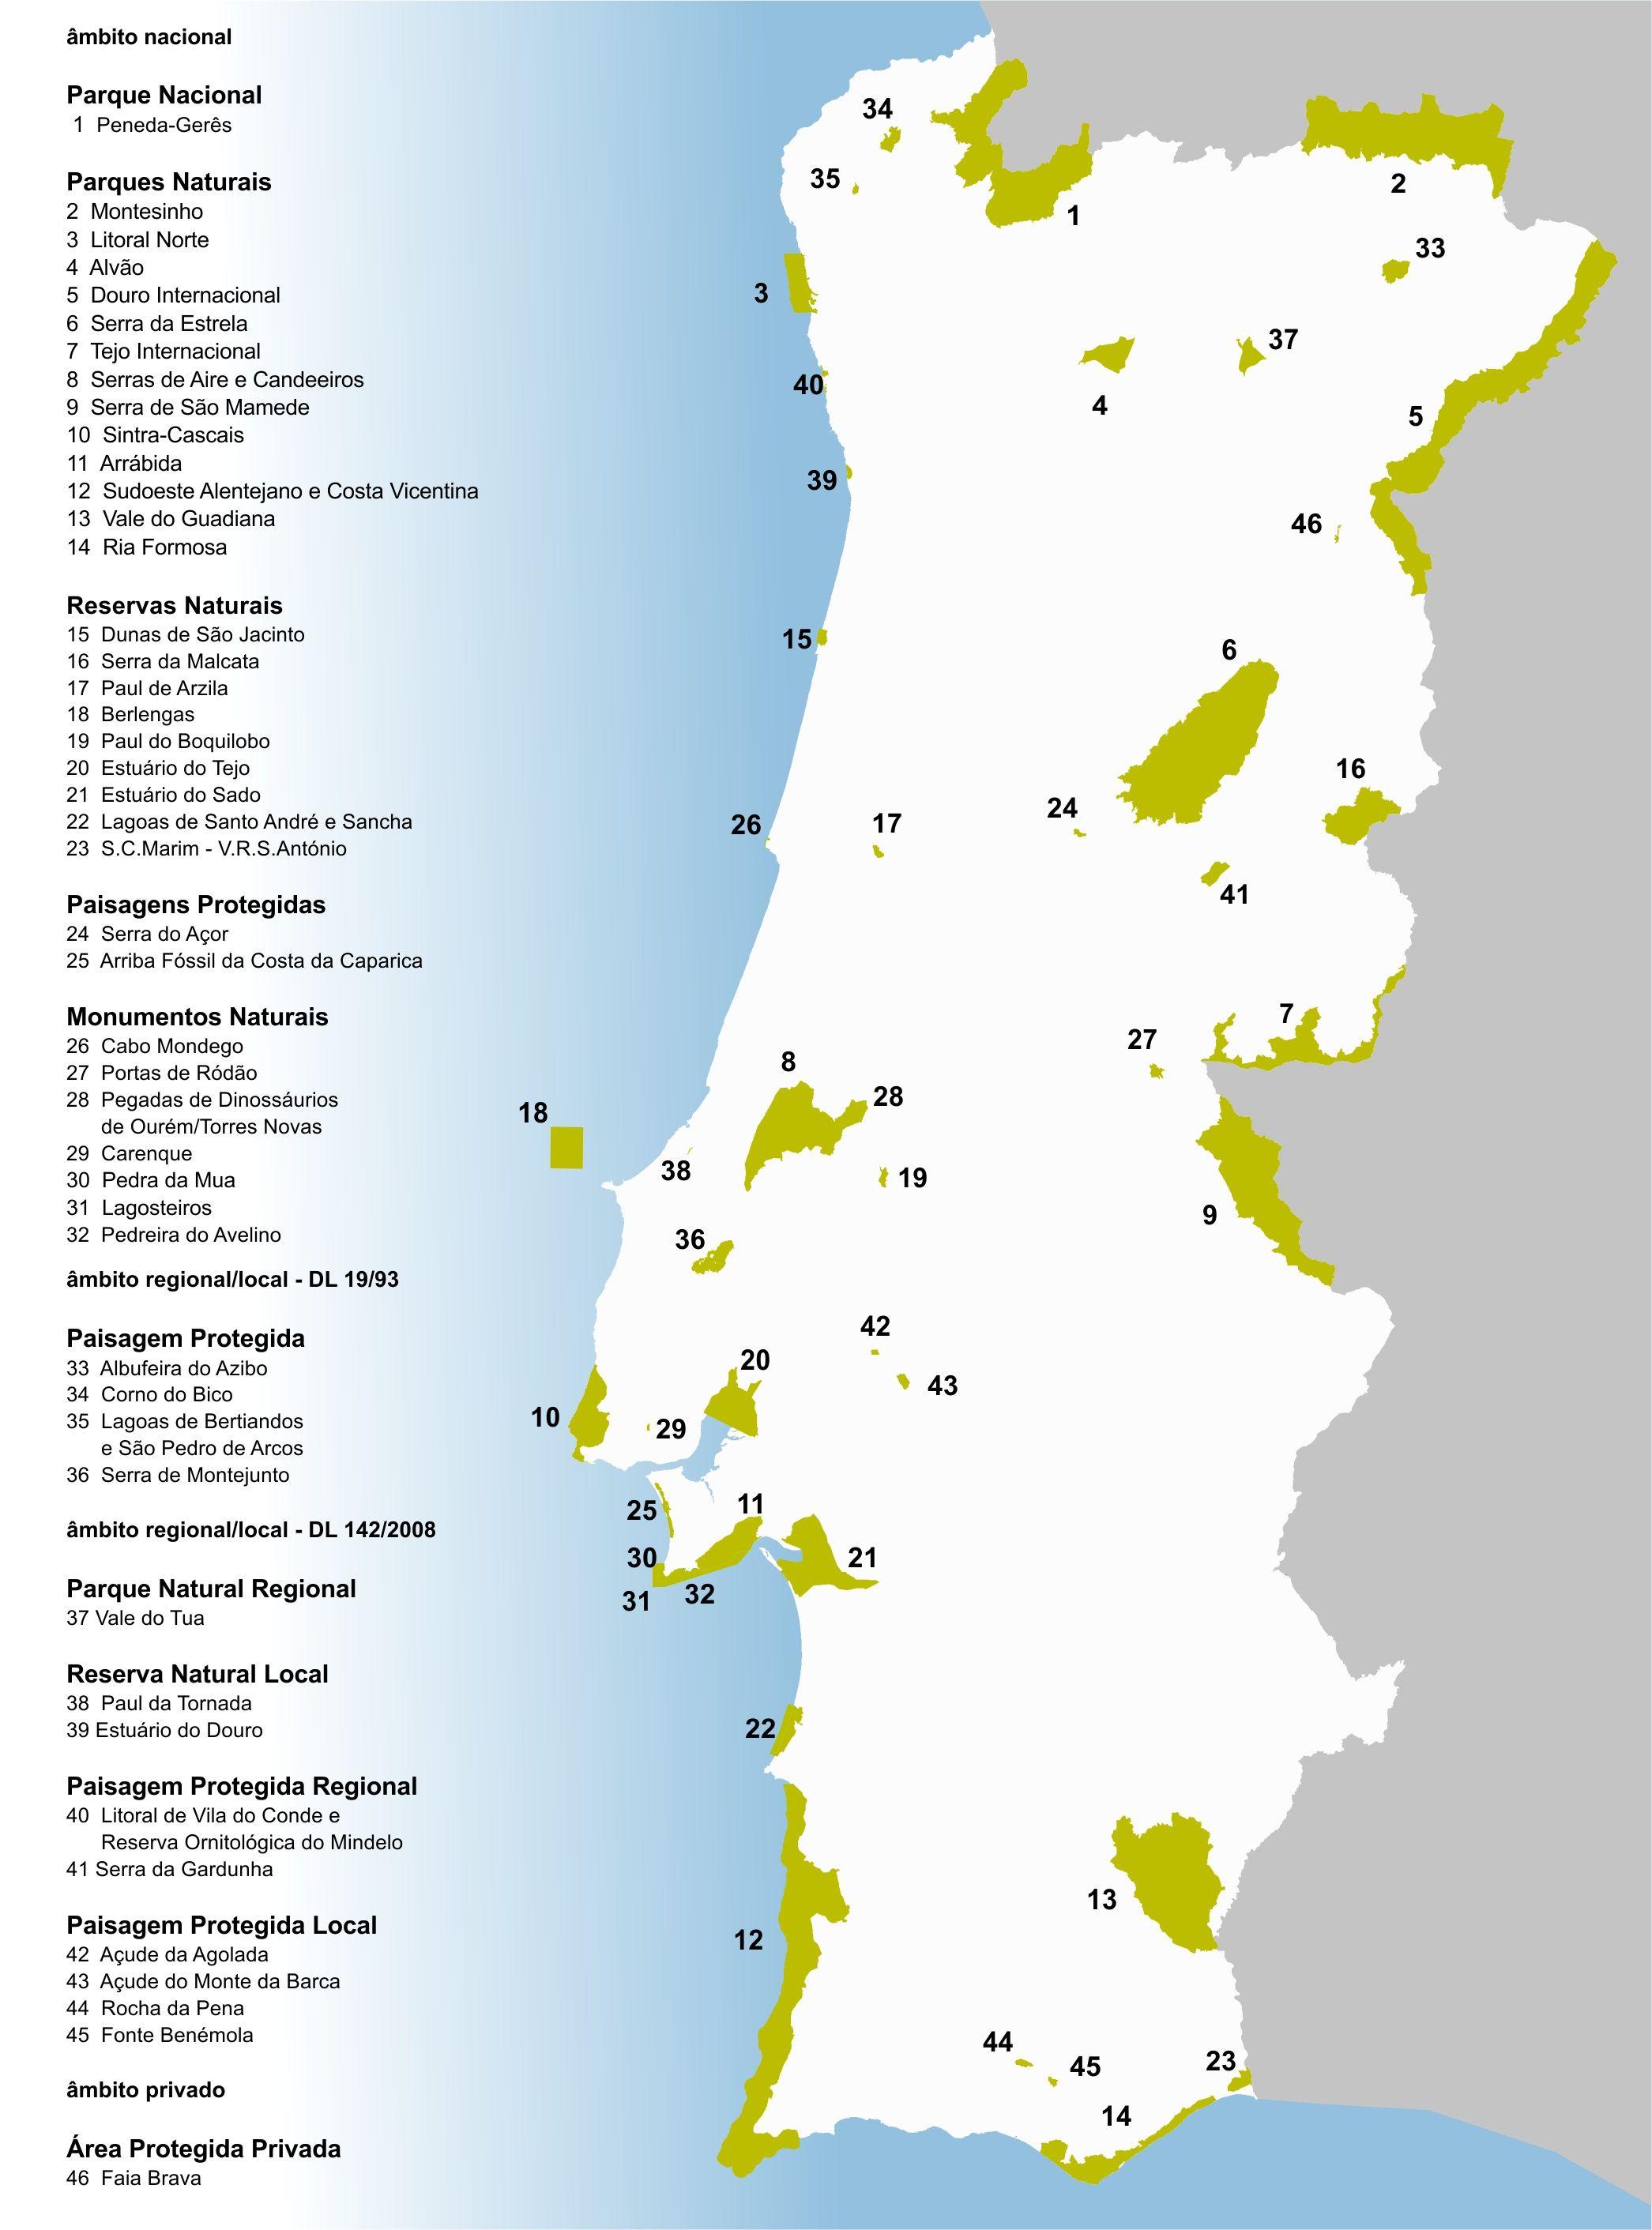 mapa das areas protegidas de portugal mapa_APs. | coisas da escola | Pinterest | Escola e Animais mapa das areas protegidas de portugal